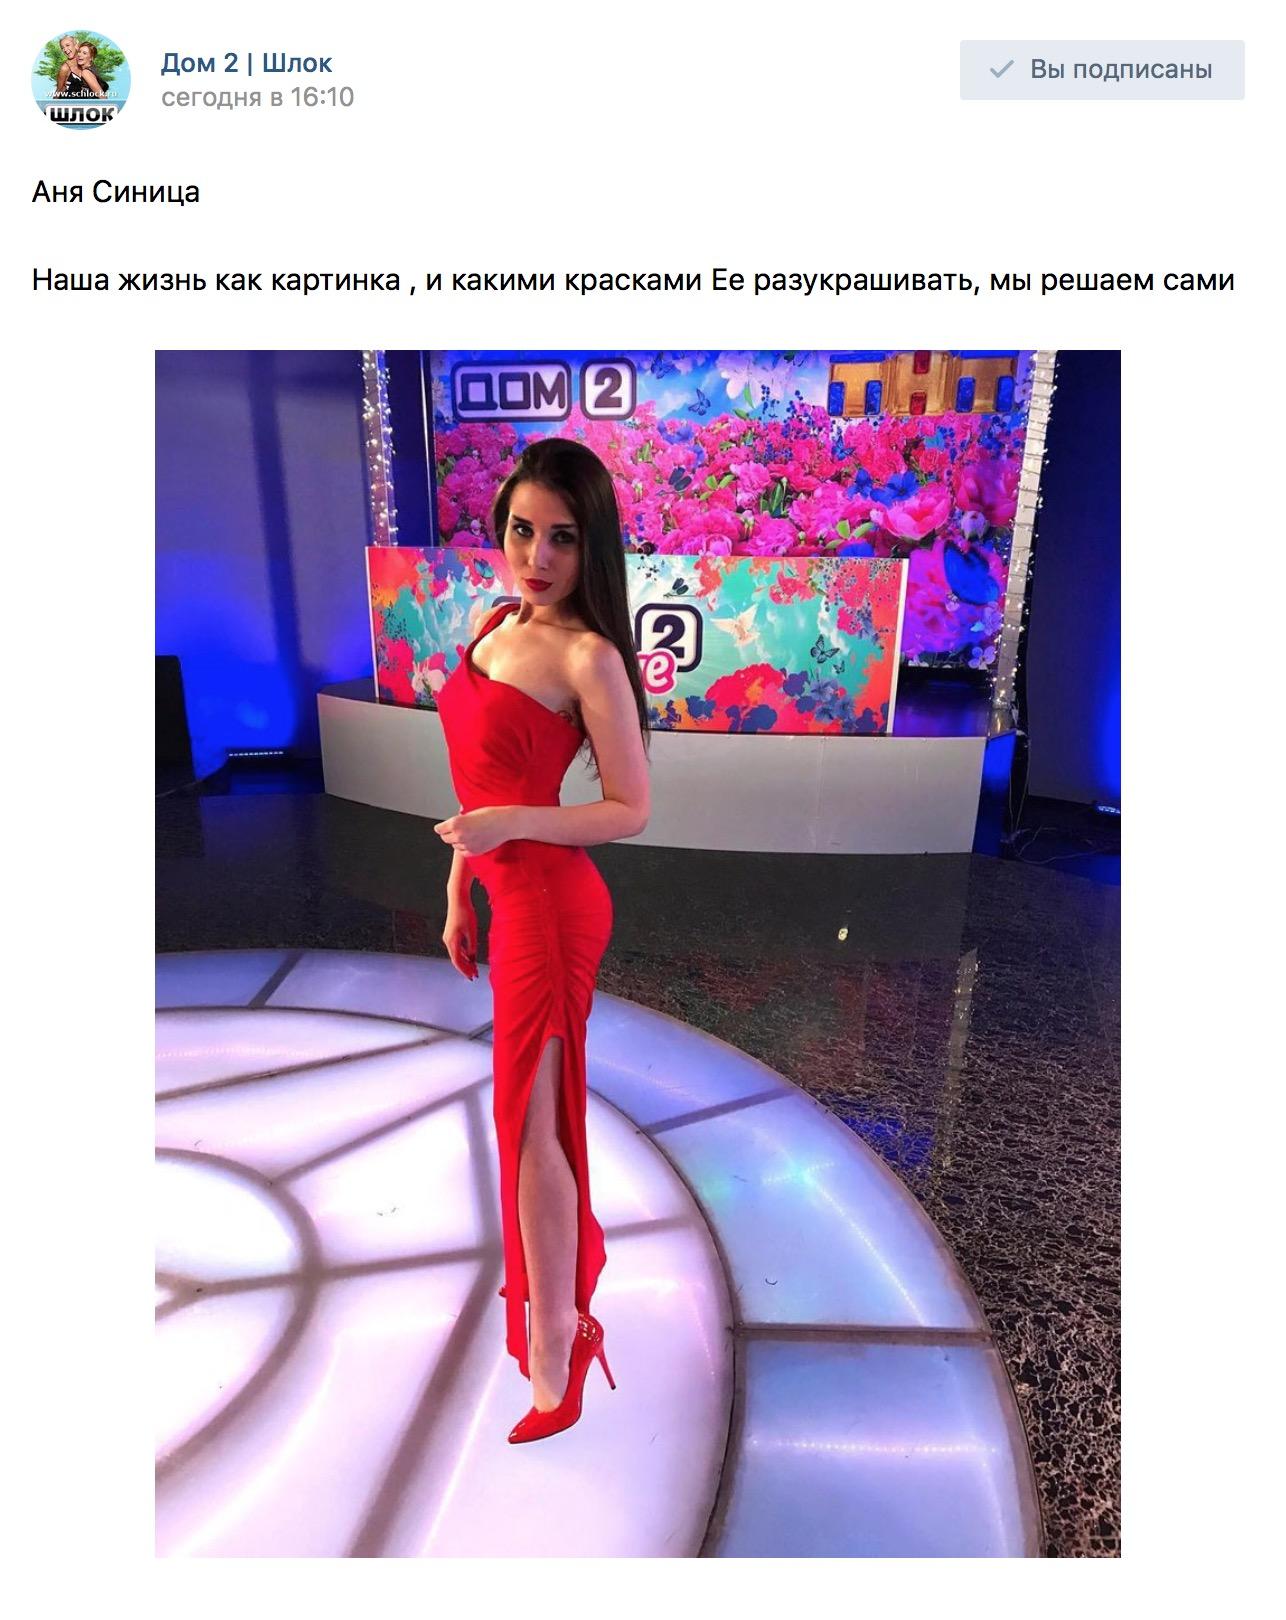 olya-rapuntsel-dom-2-intimnaya-zhizn-foto